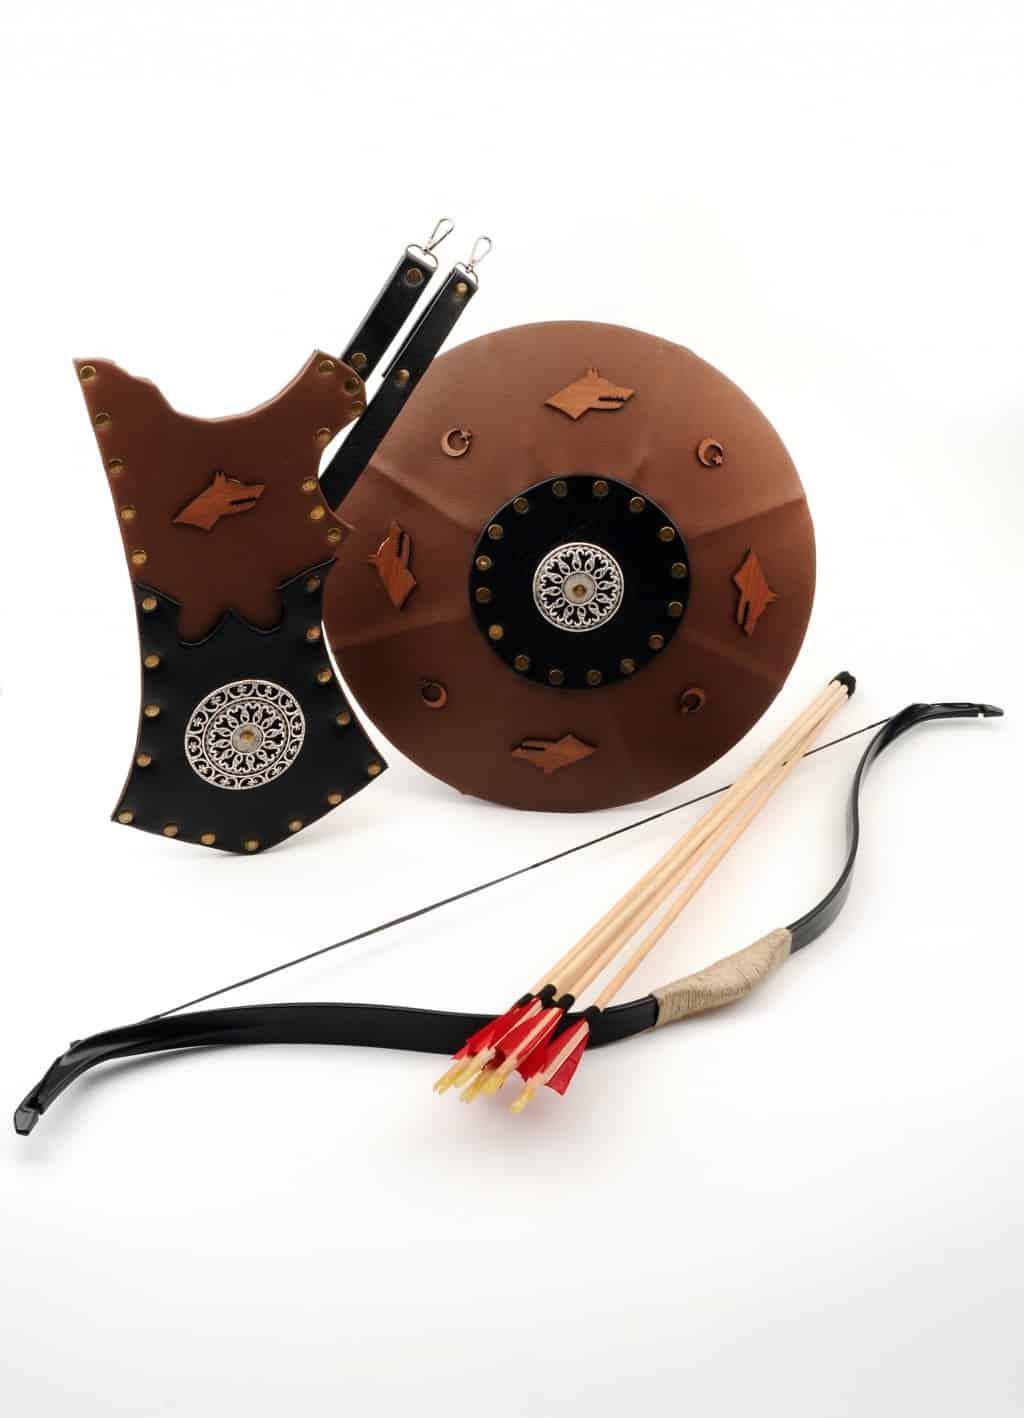 Bow, shield, arrow box